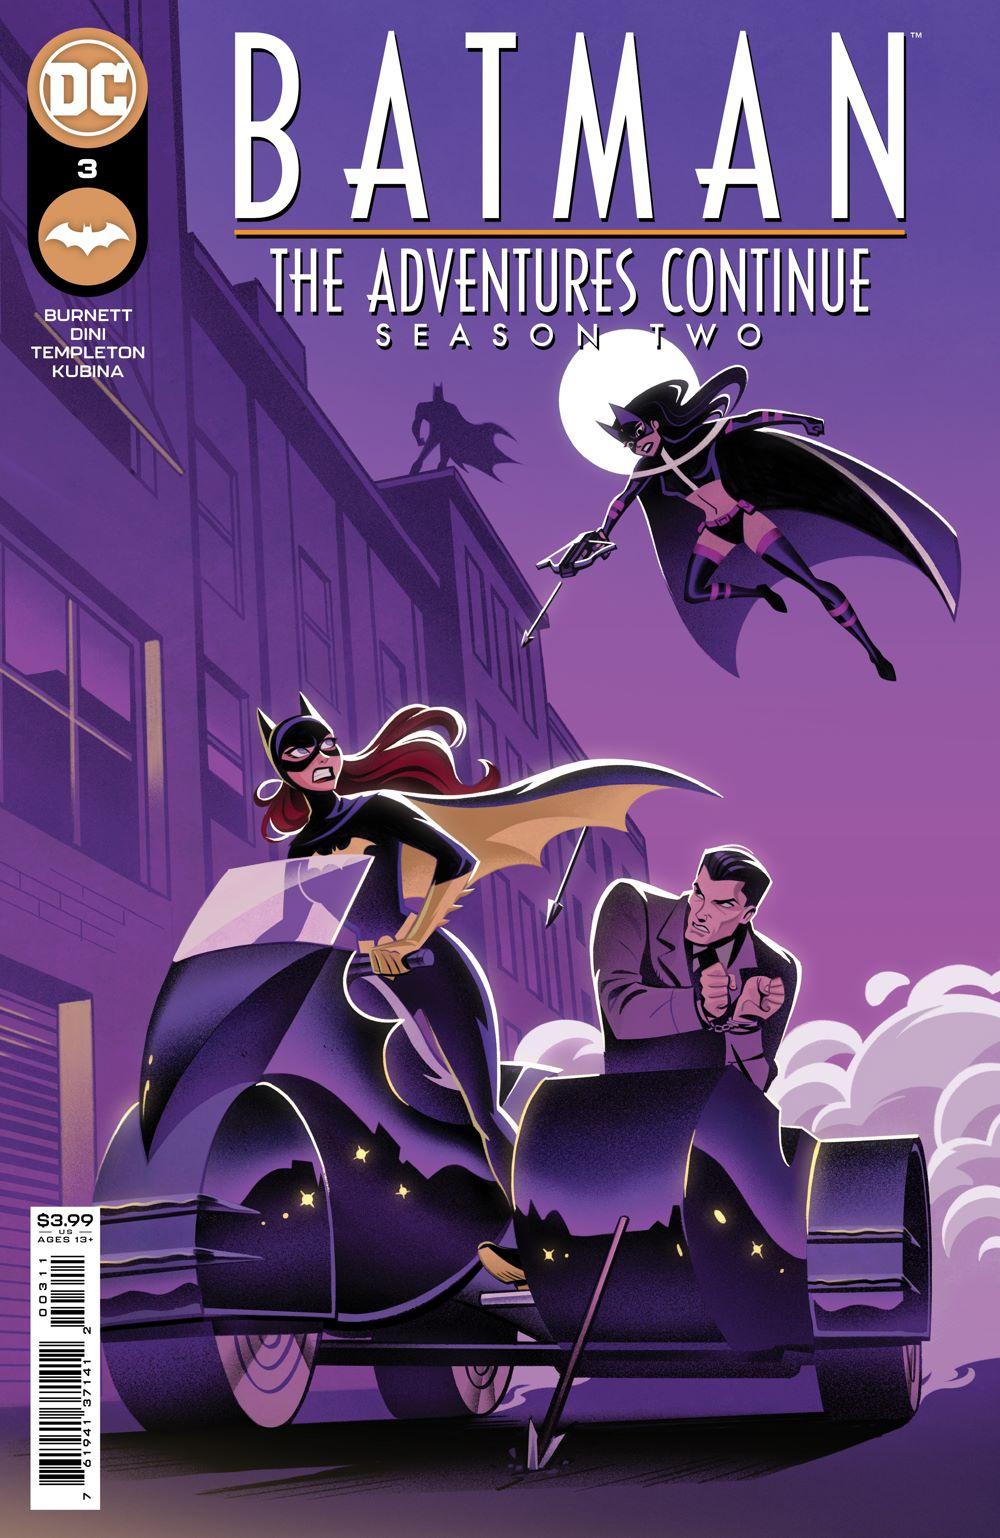 BMTACS2_Cv3 DC Comics August 2021 Solicitations